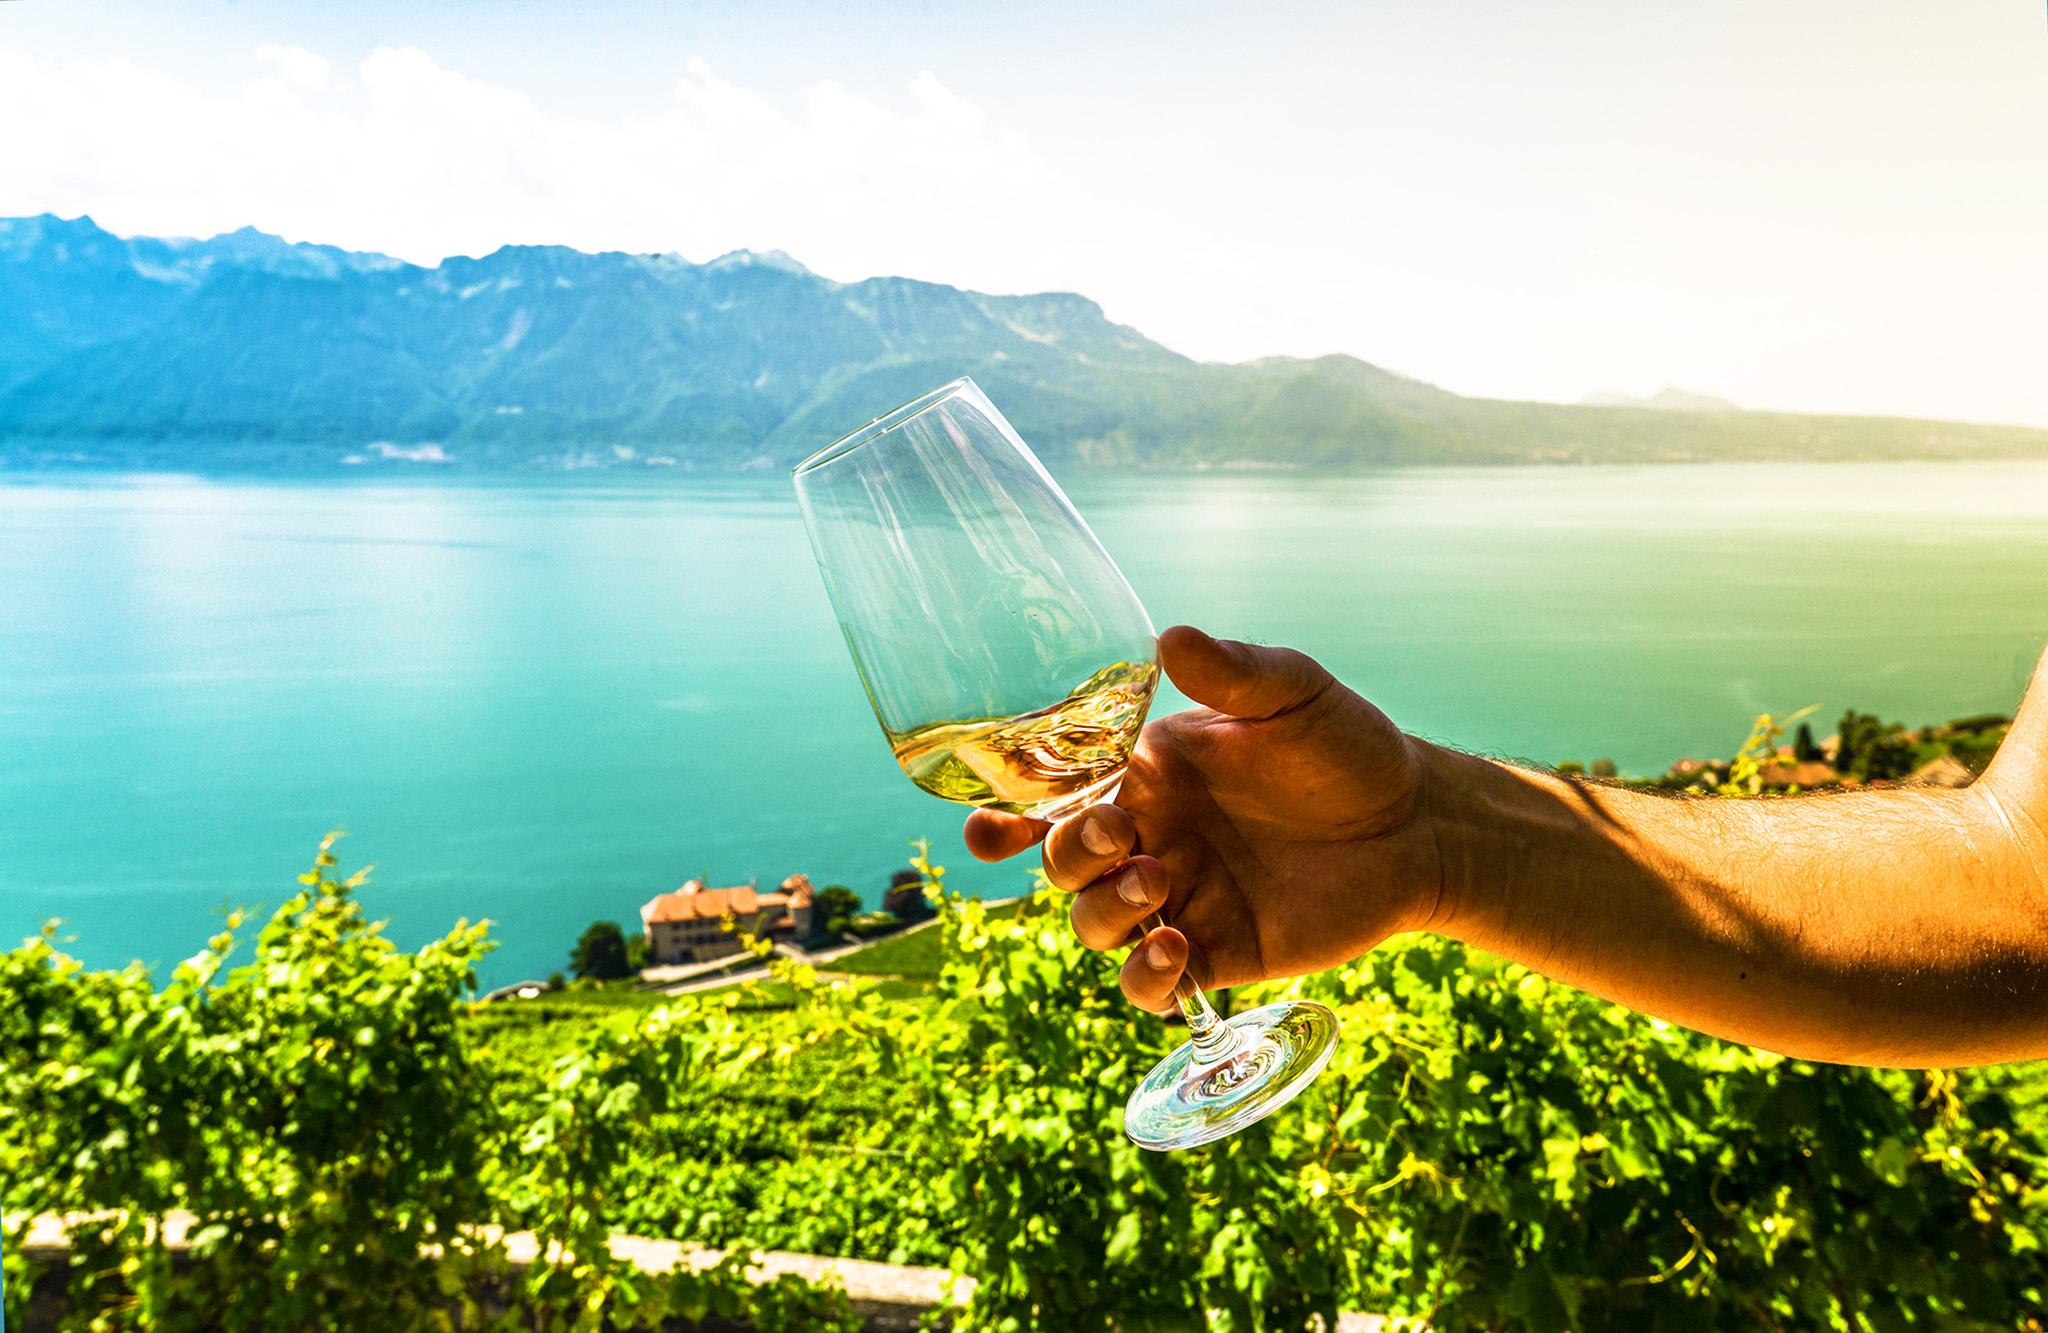 kt_2020_300_Keytours_excursions_Swisstours_lavaux_aperitif2_2048_10